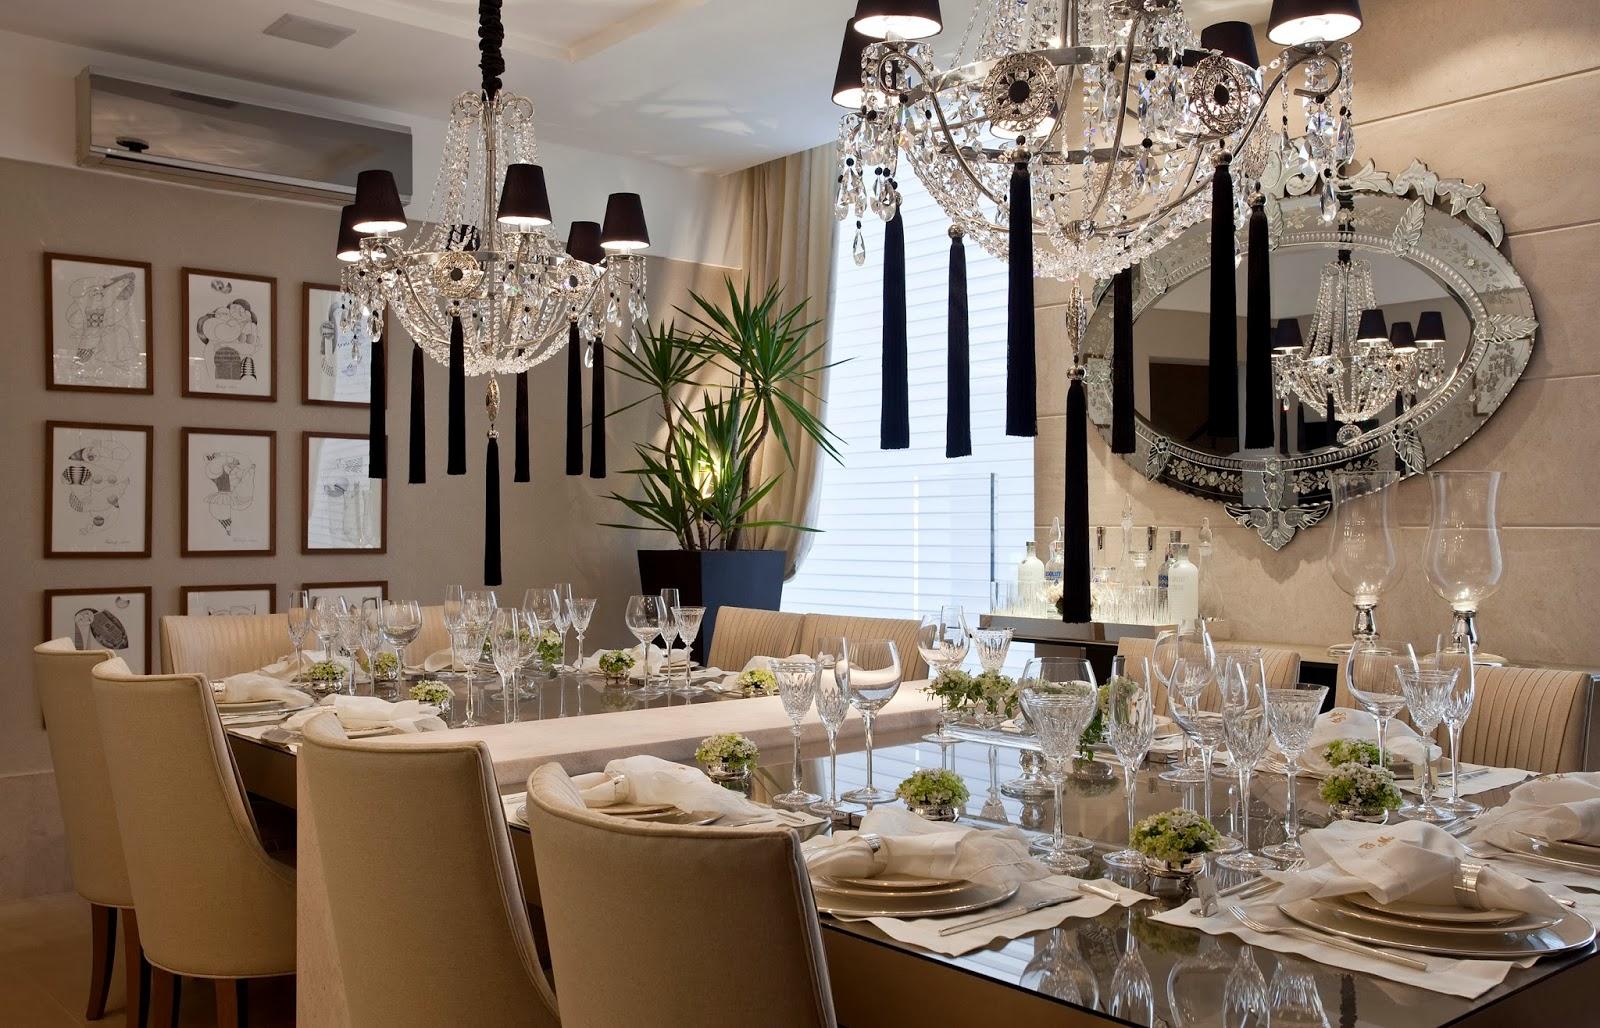 Sala De Jantar Casas Bahia ~  muito mais caro e inacessível a muitos, reforçando a ideia de luxo